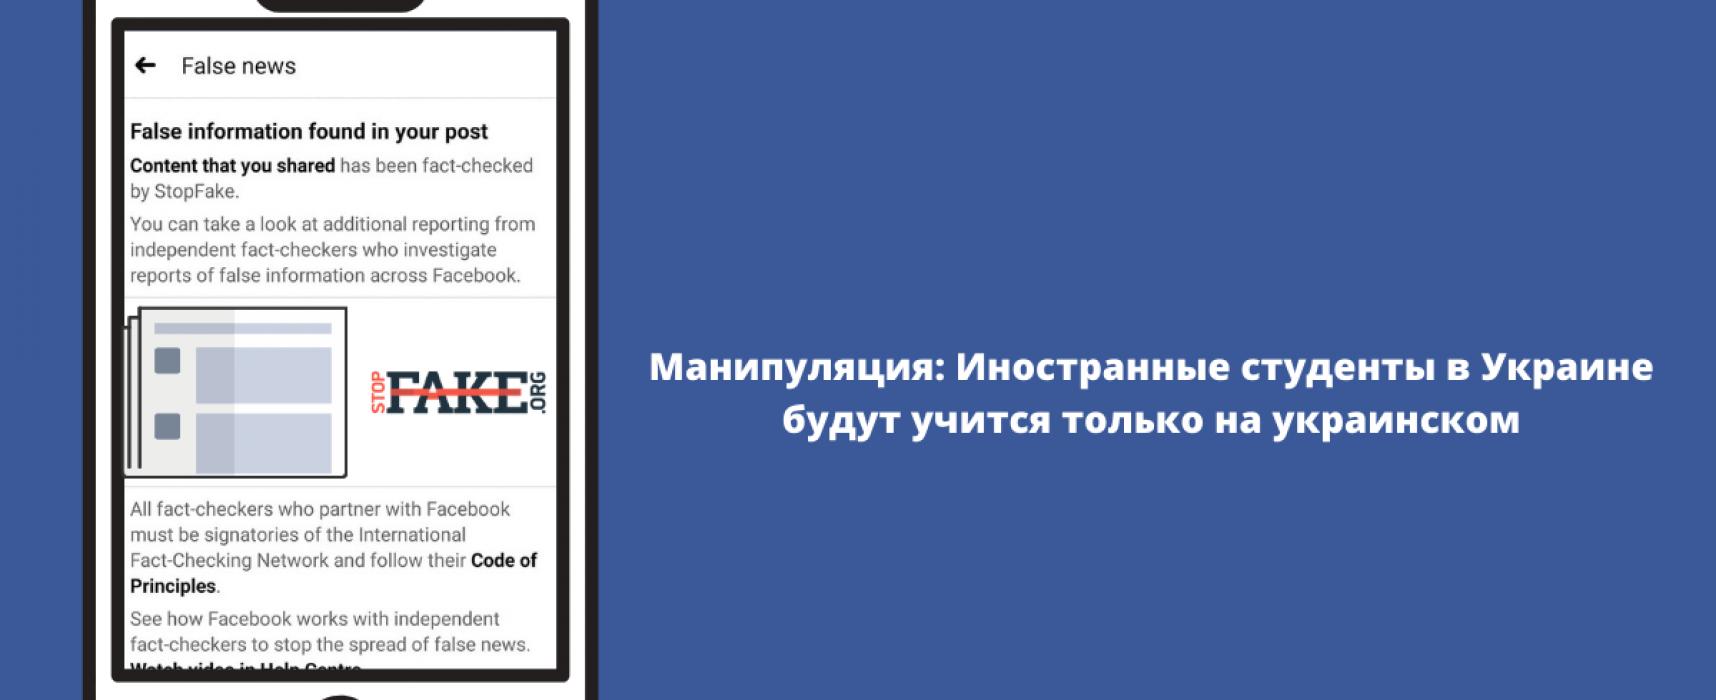 Манипуляция: Иностранные студенты в Украине будут учится только на украинском